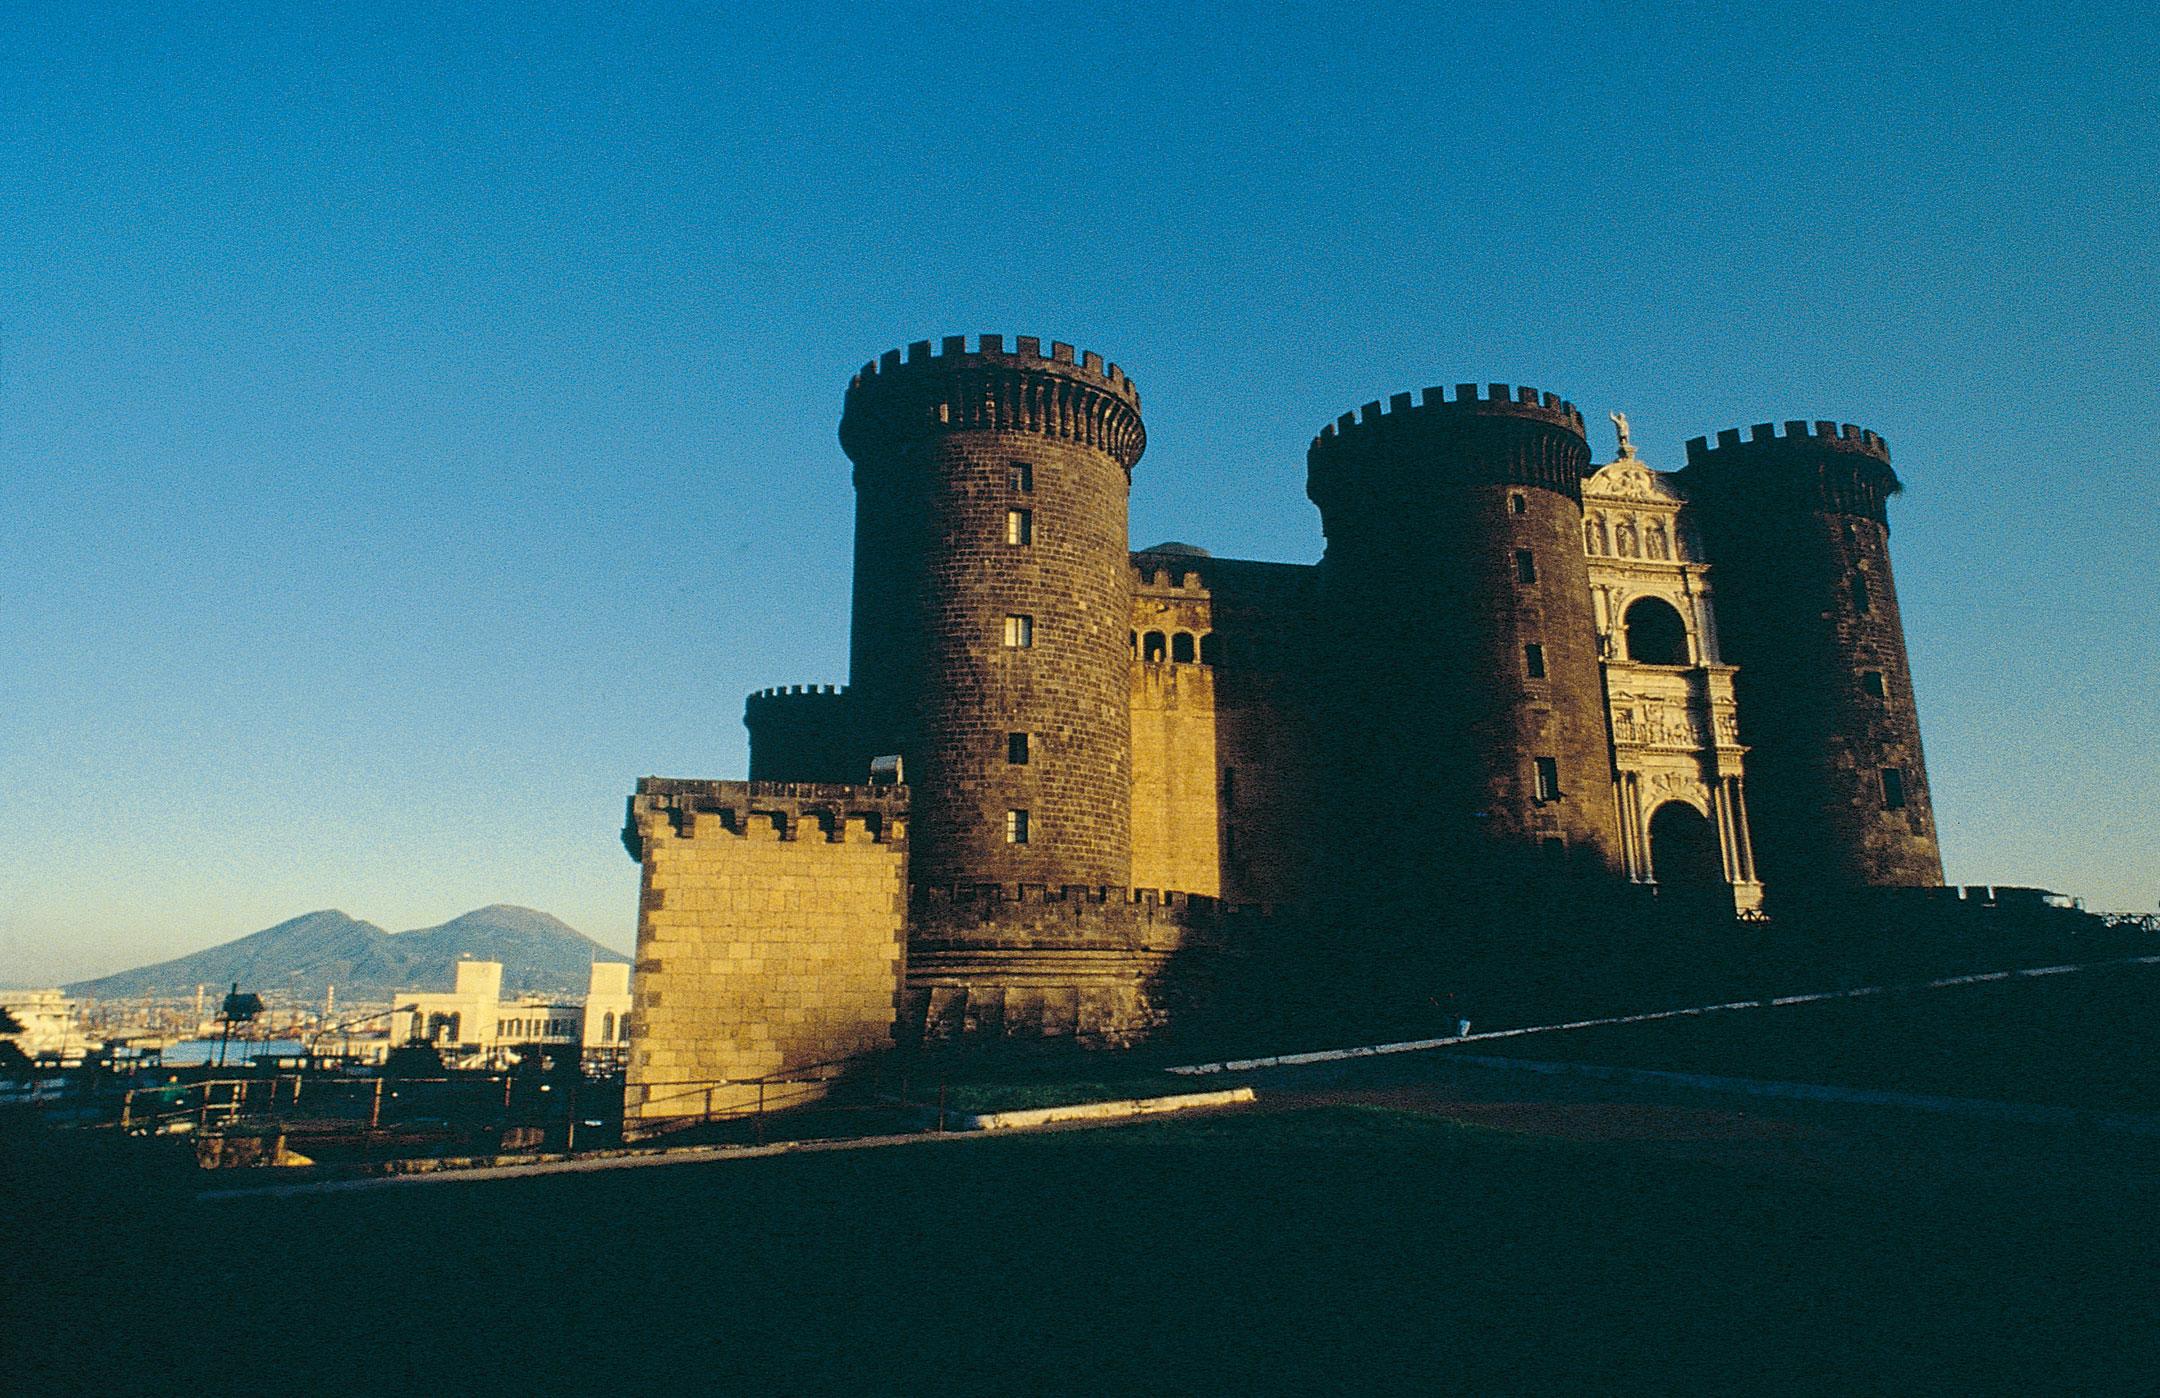 Foto del Castel Nuovo comunemente conosciuto come Maschio Angioino a Napoli